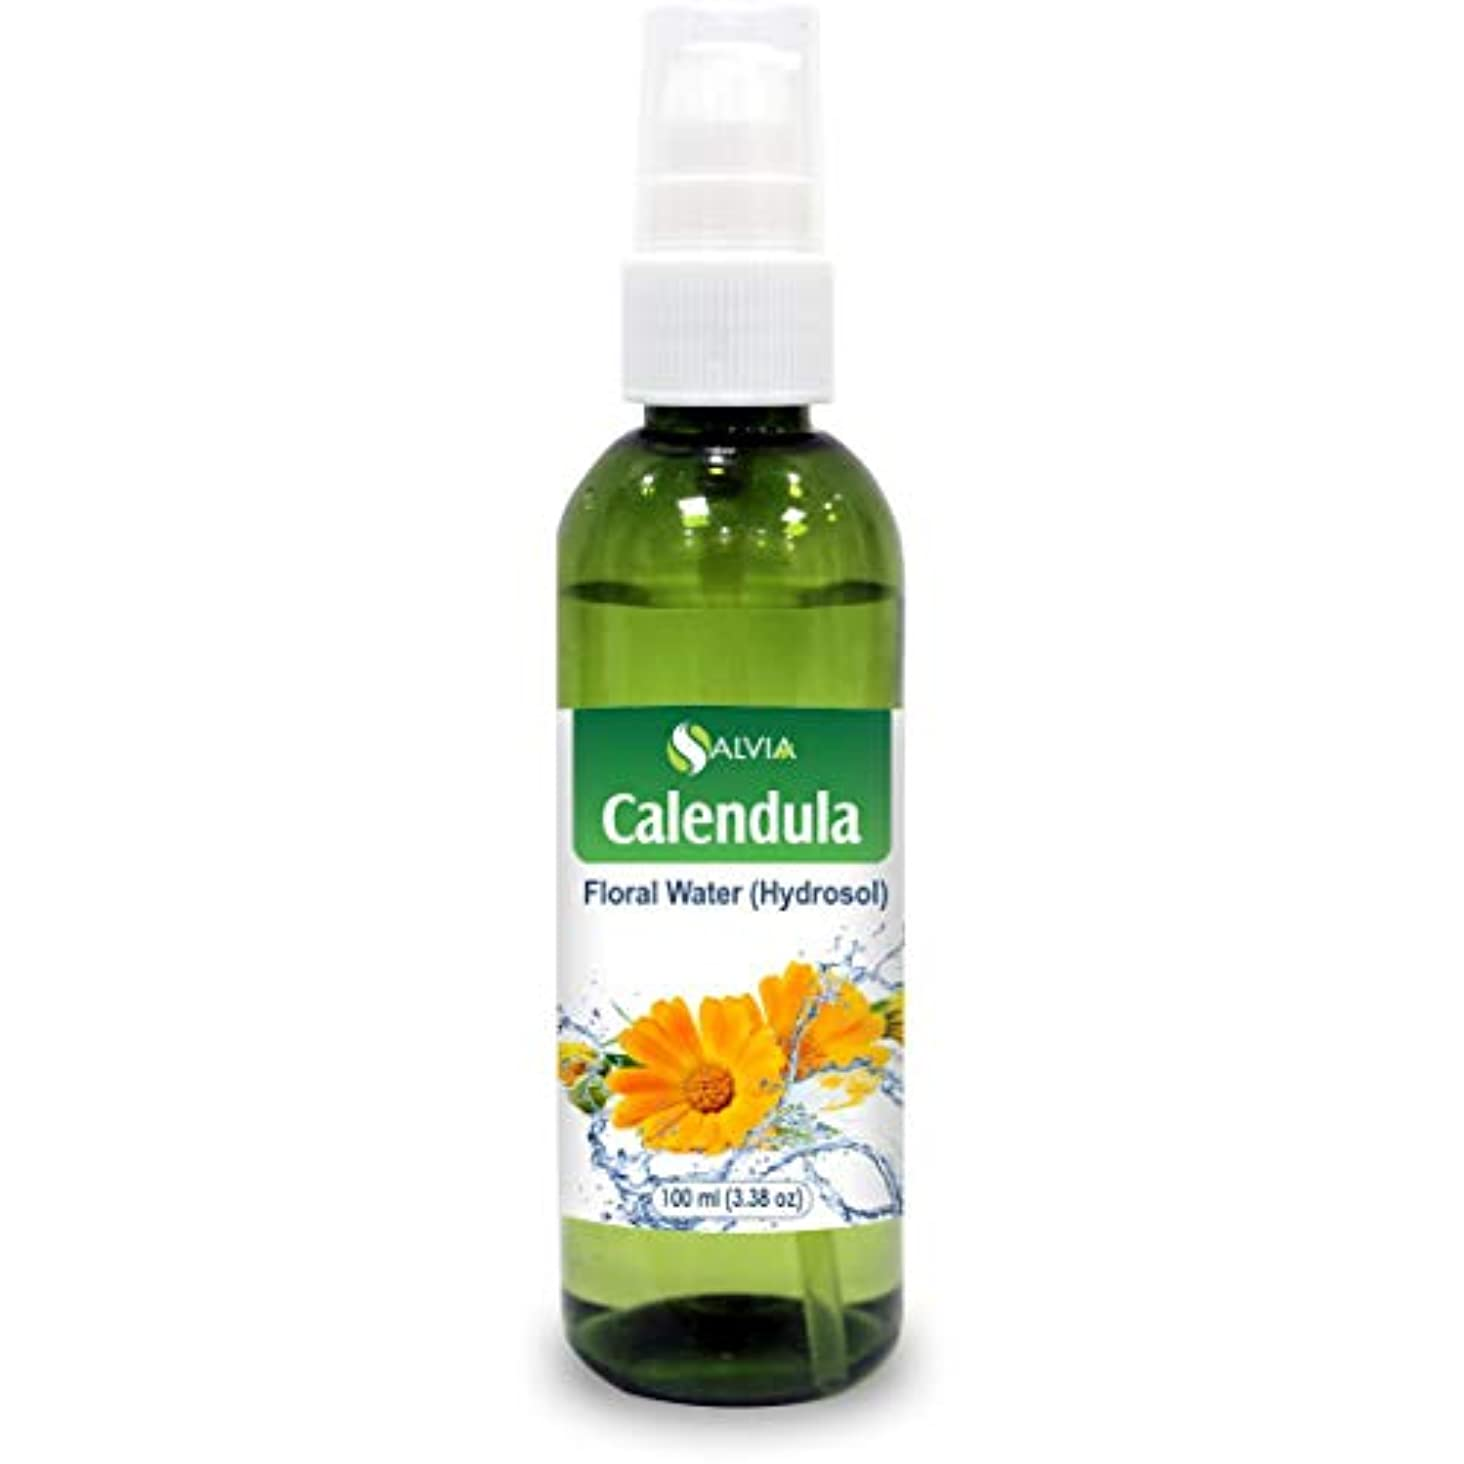 リーフレット基礎舗装するCalendula Floral Floral Water 100ml (Hydrosol) 100% Pure And Natural